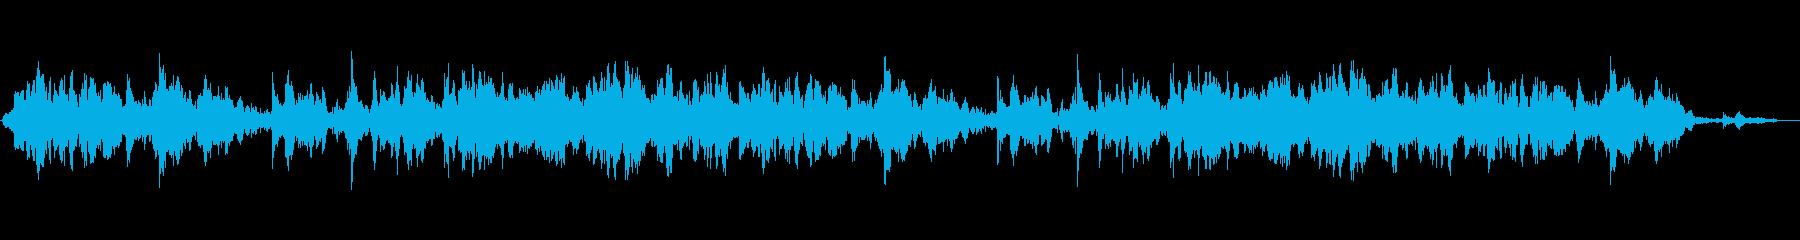 ワラ、インターナショナルボイス、カ...の再生済みの波形